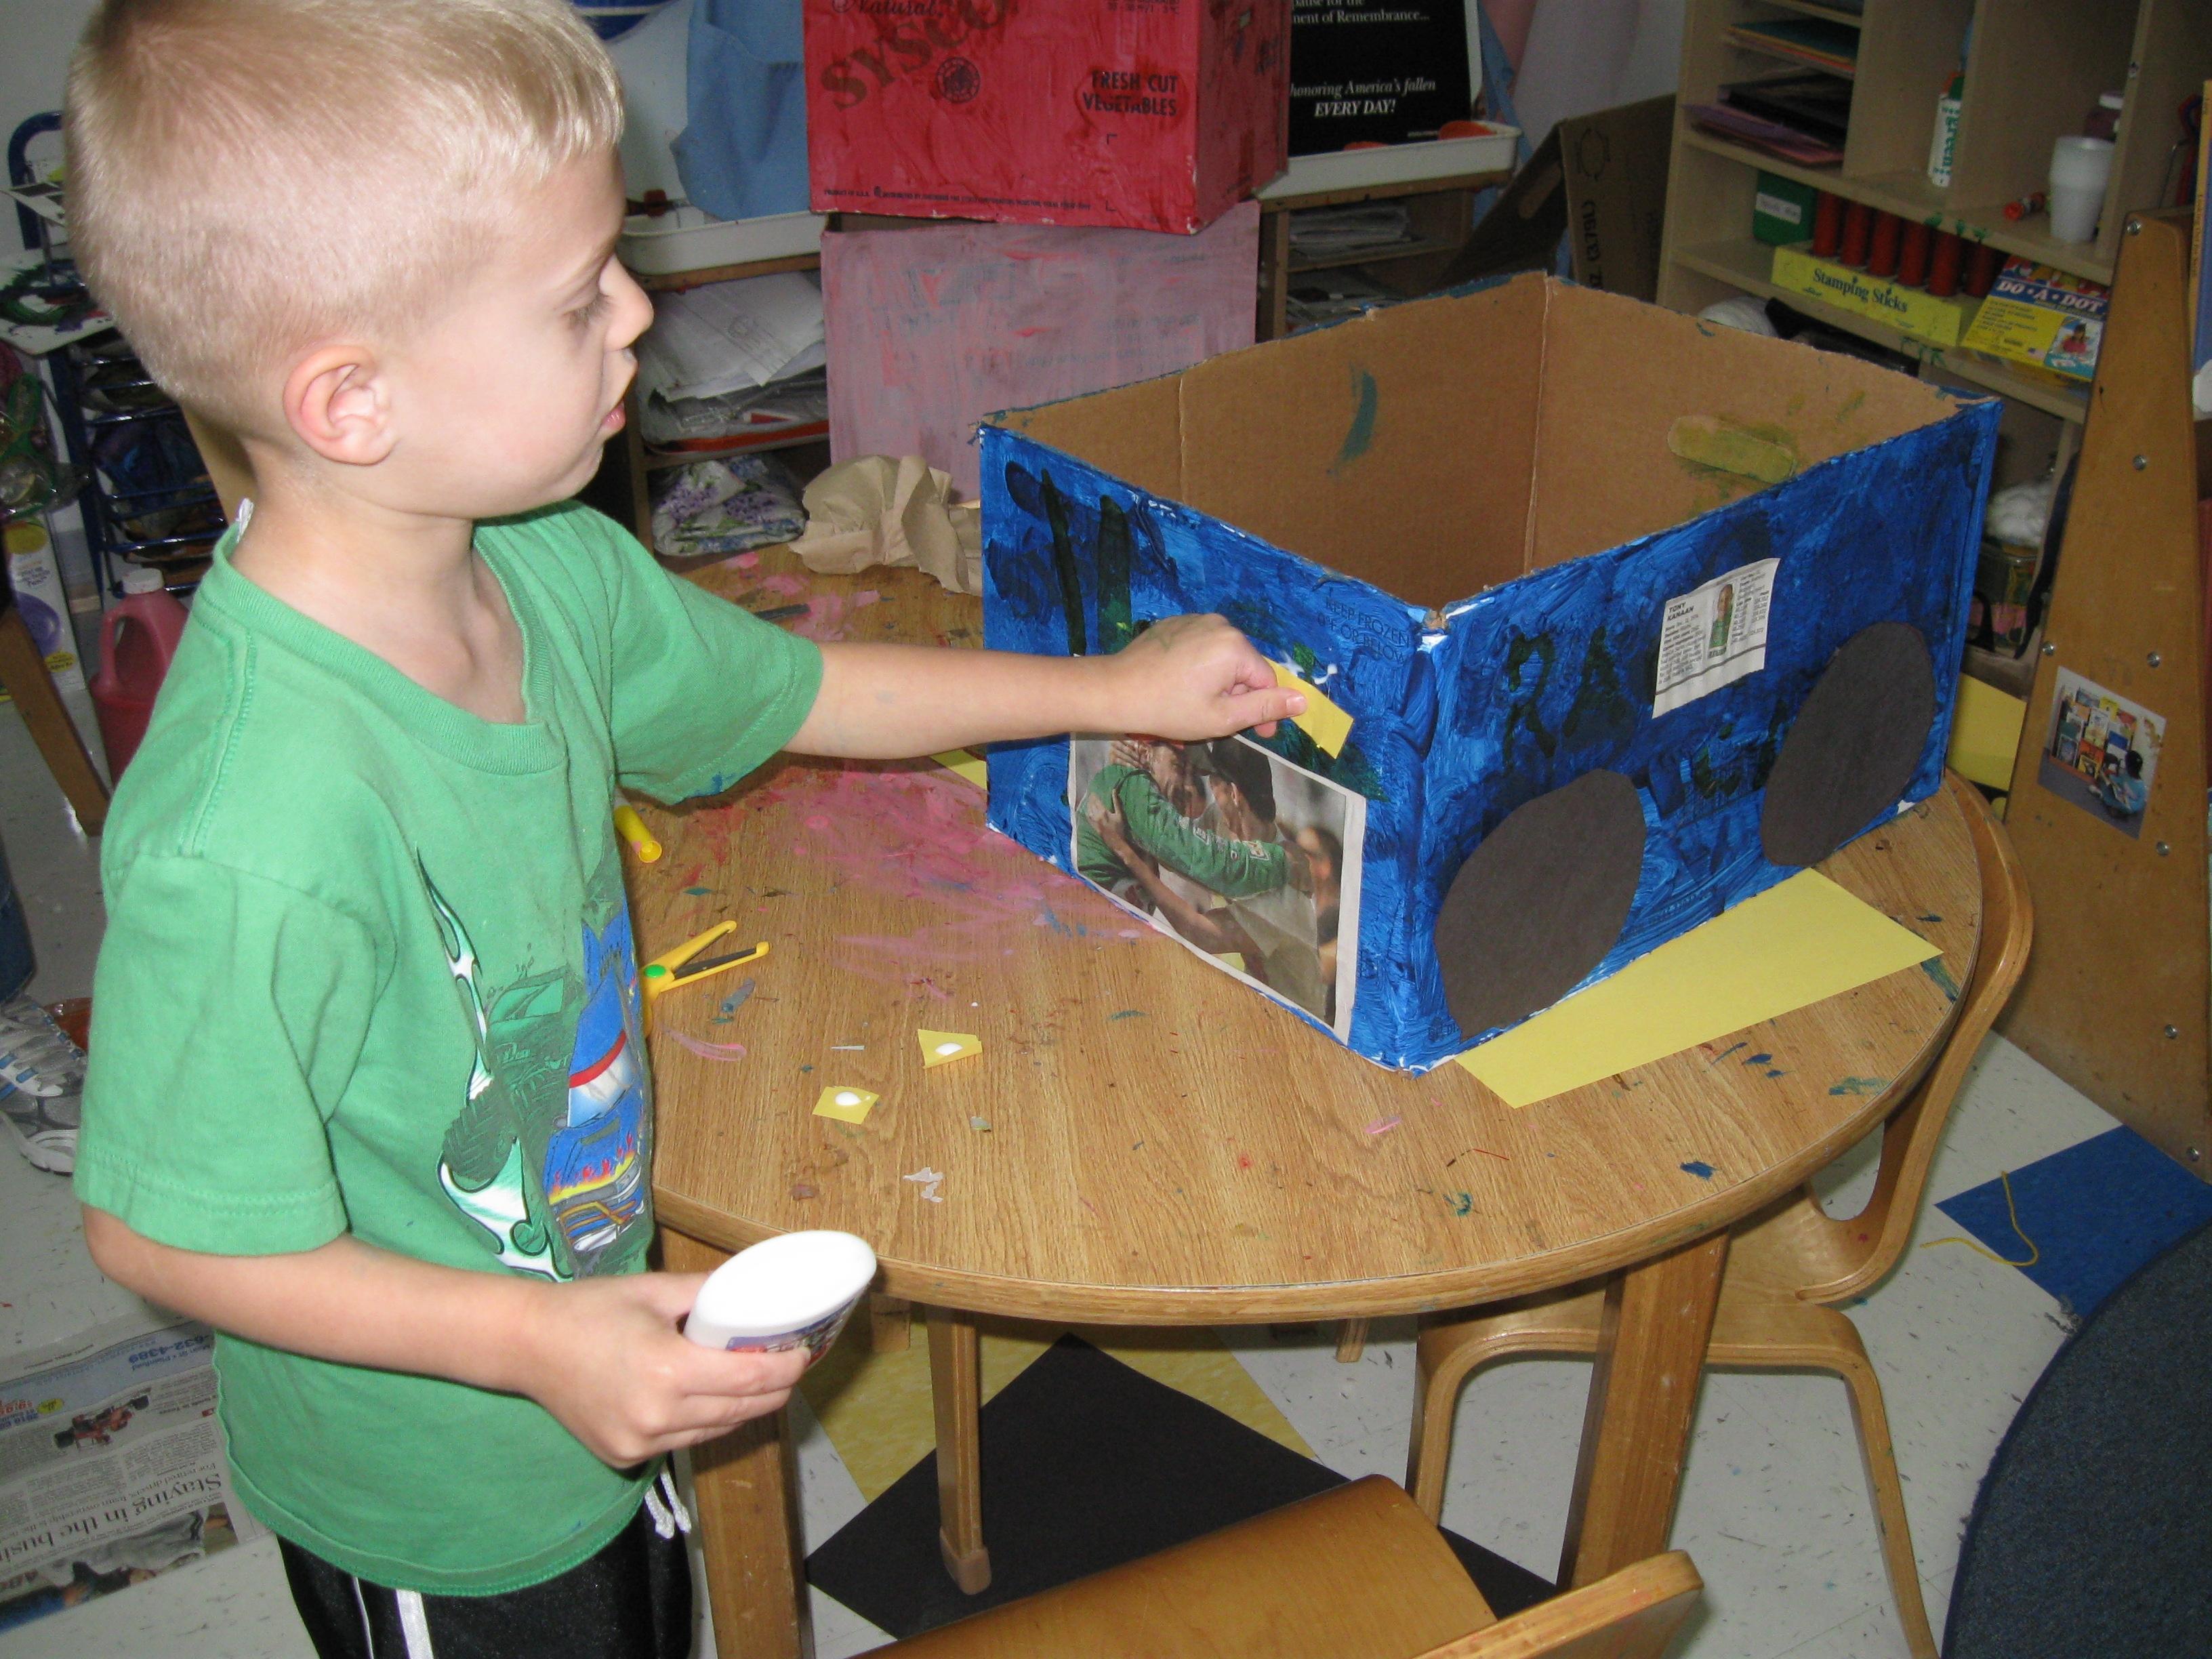 making a cardboard race car